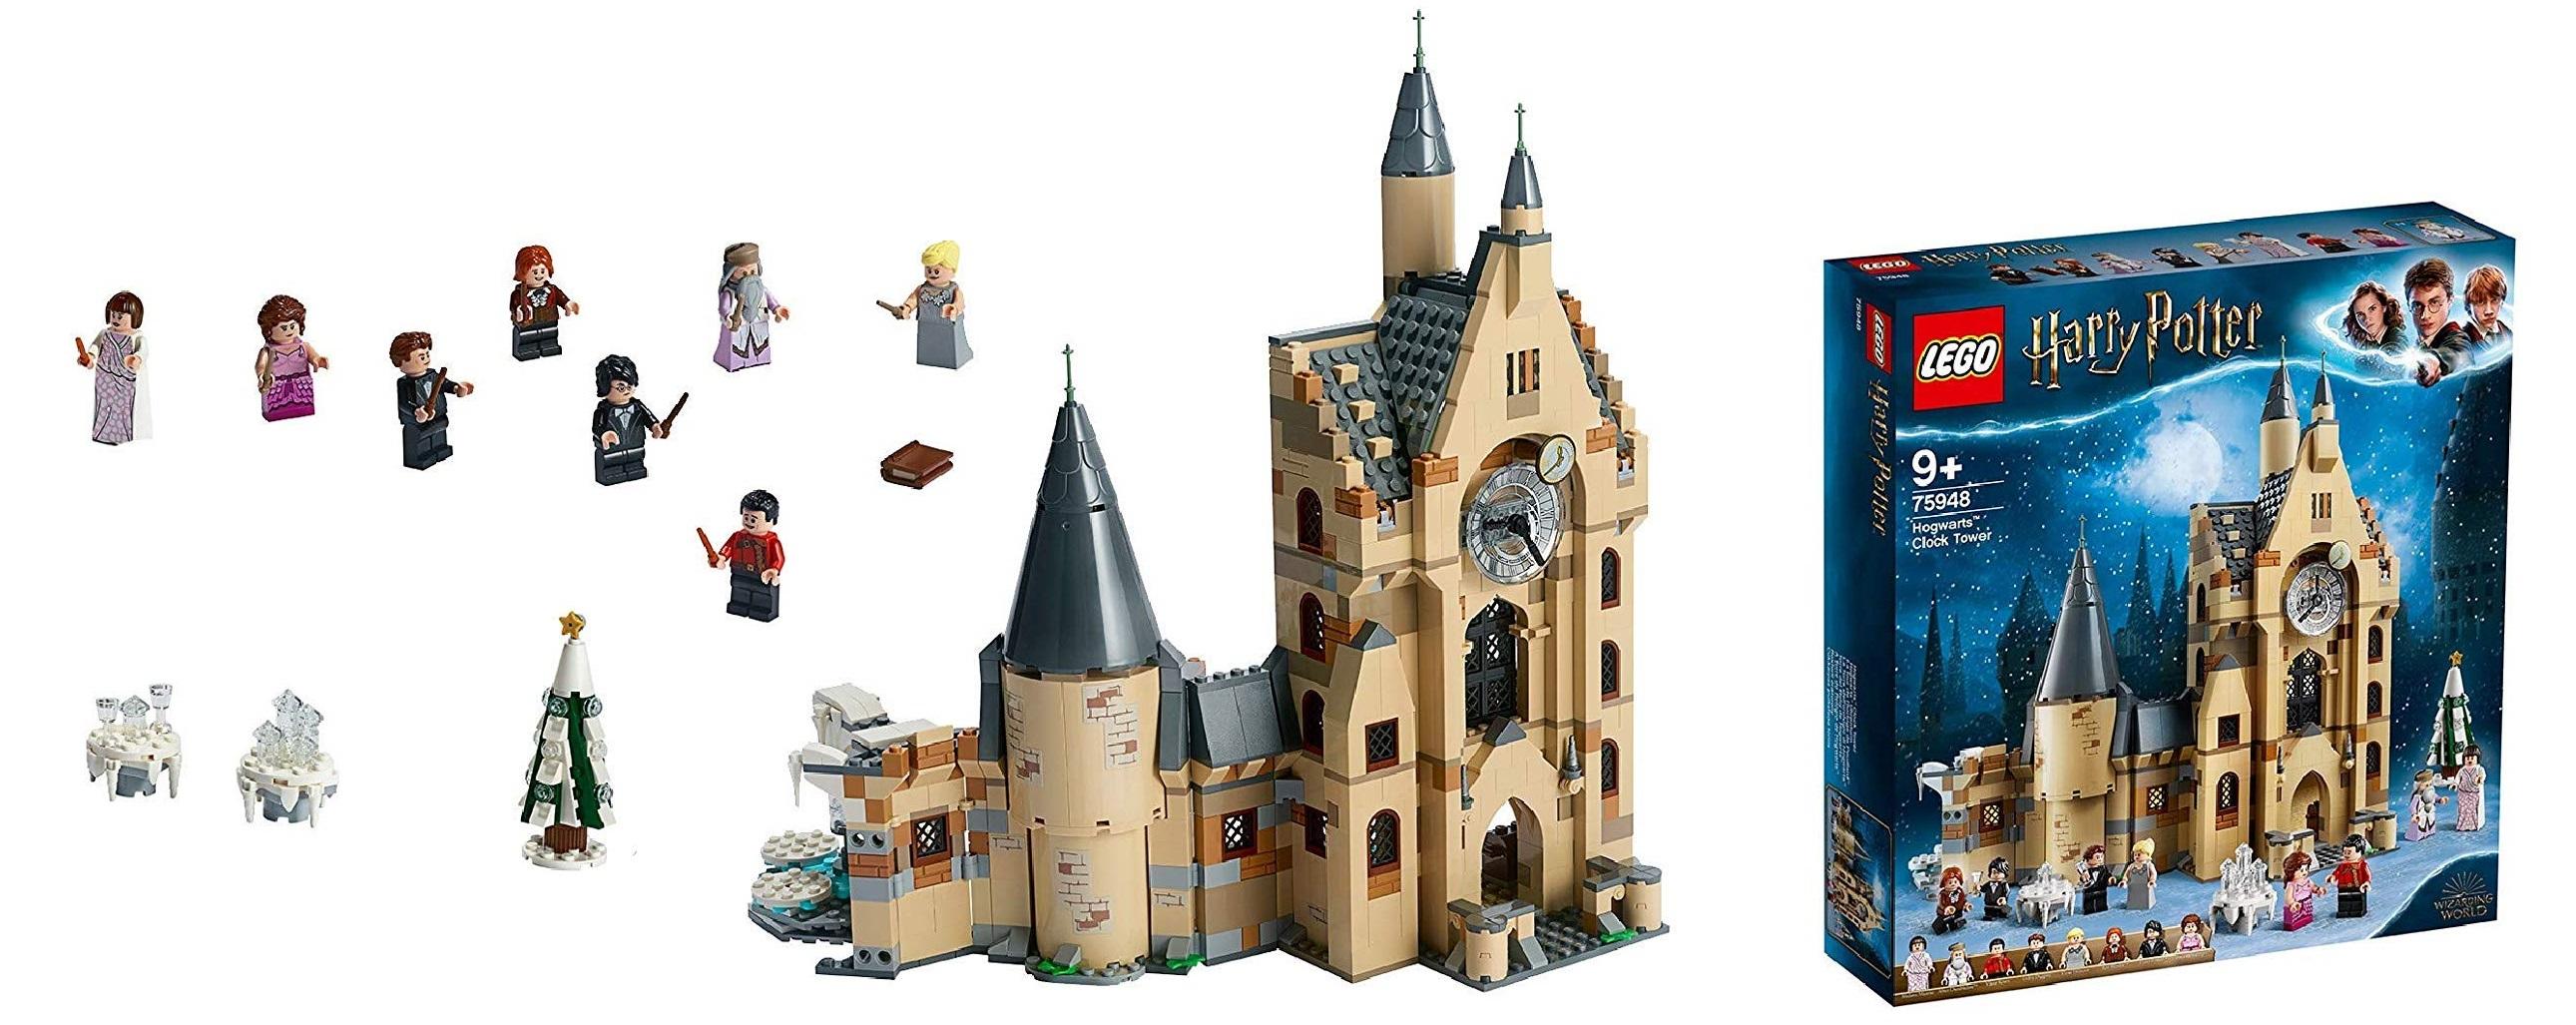 La Torre dell'Orologio di Hogwarts - Lego 75948